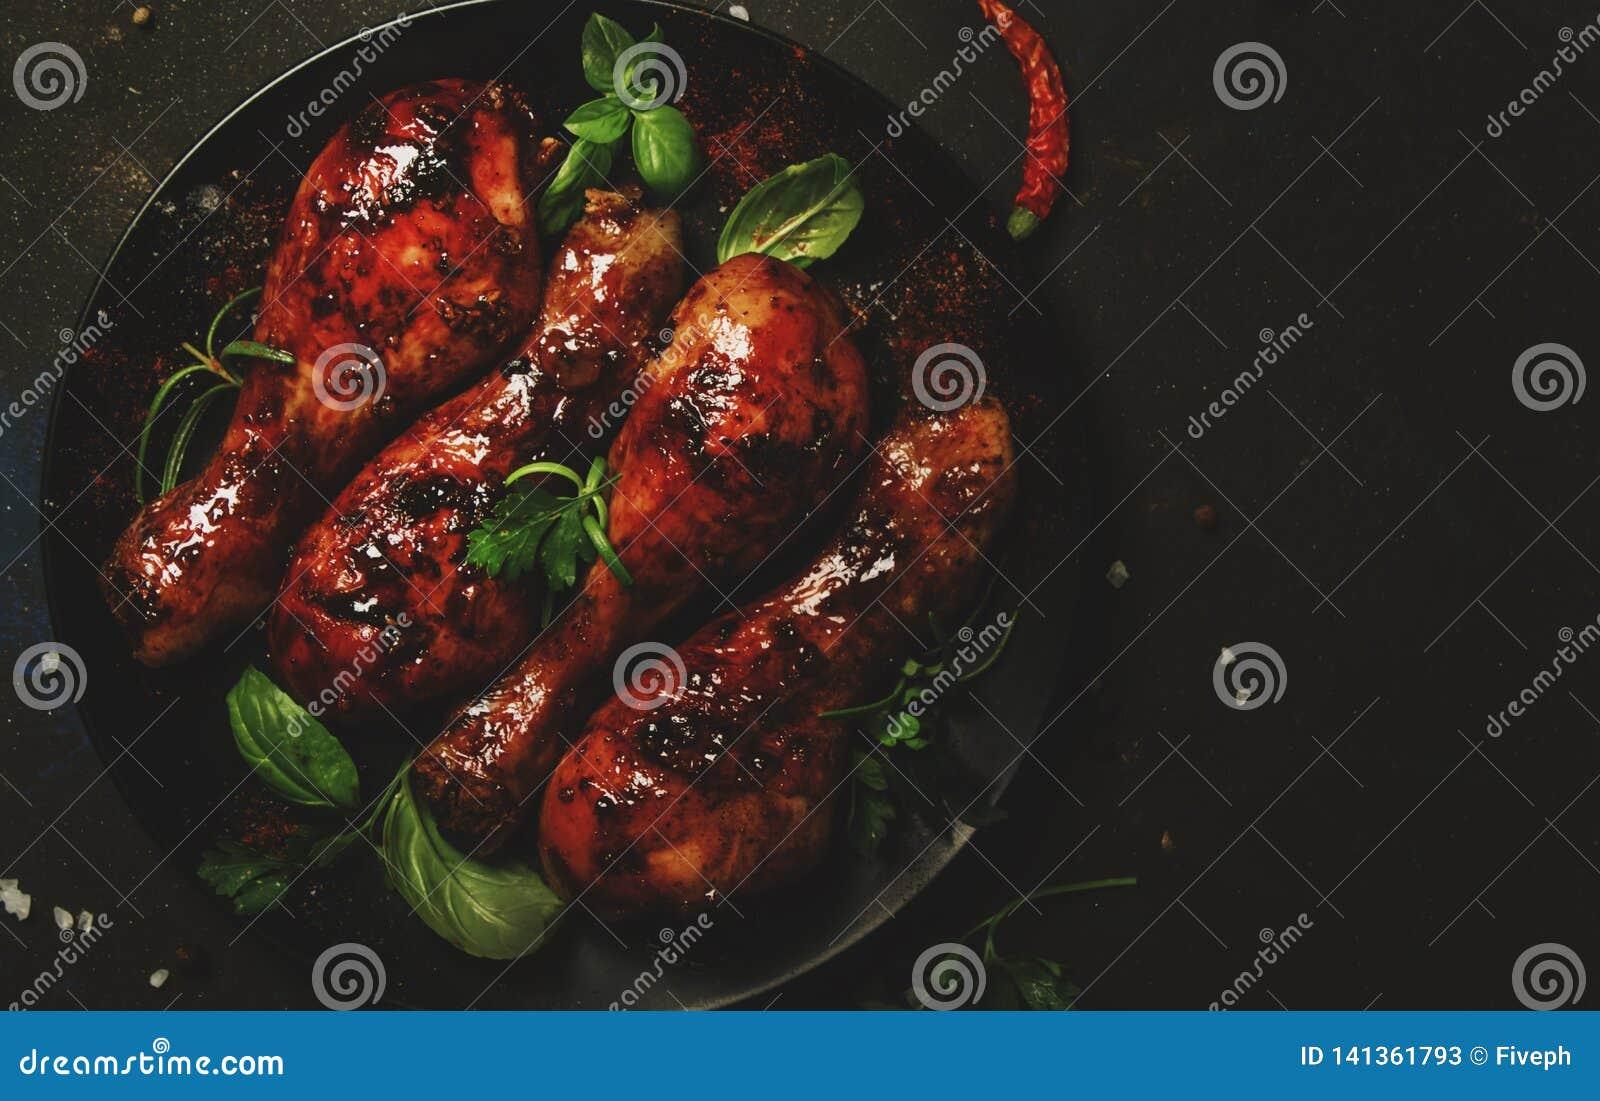 Pés de galinha cozidos no esmalte picante com molho na placa, fundo preto do mel da mesa de cozinha, alimento asiático, vista sup